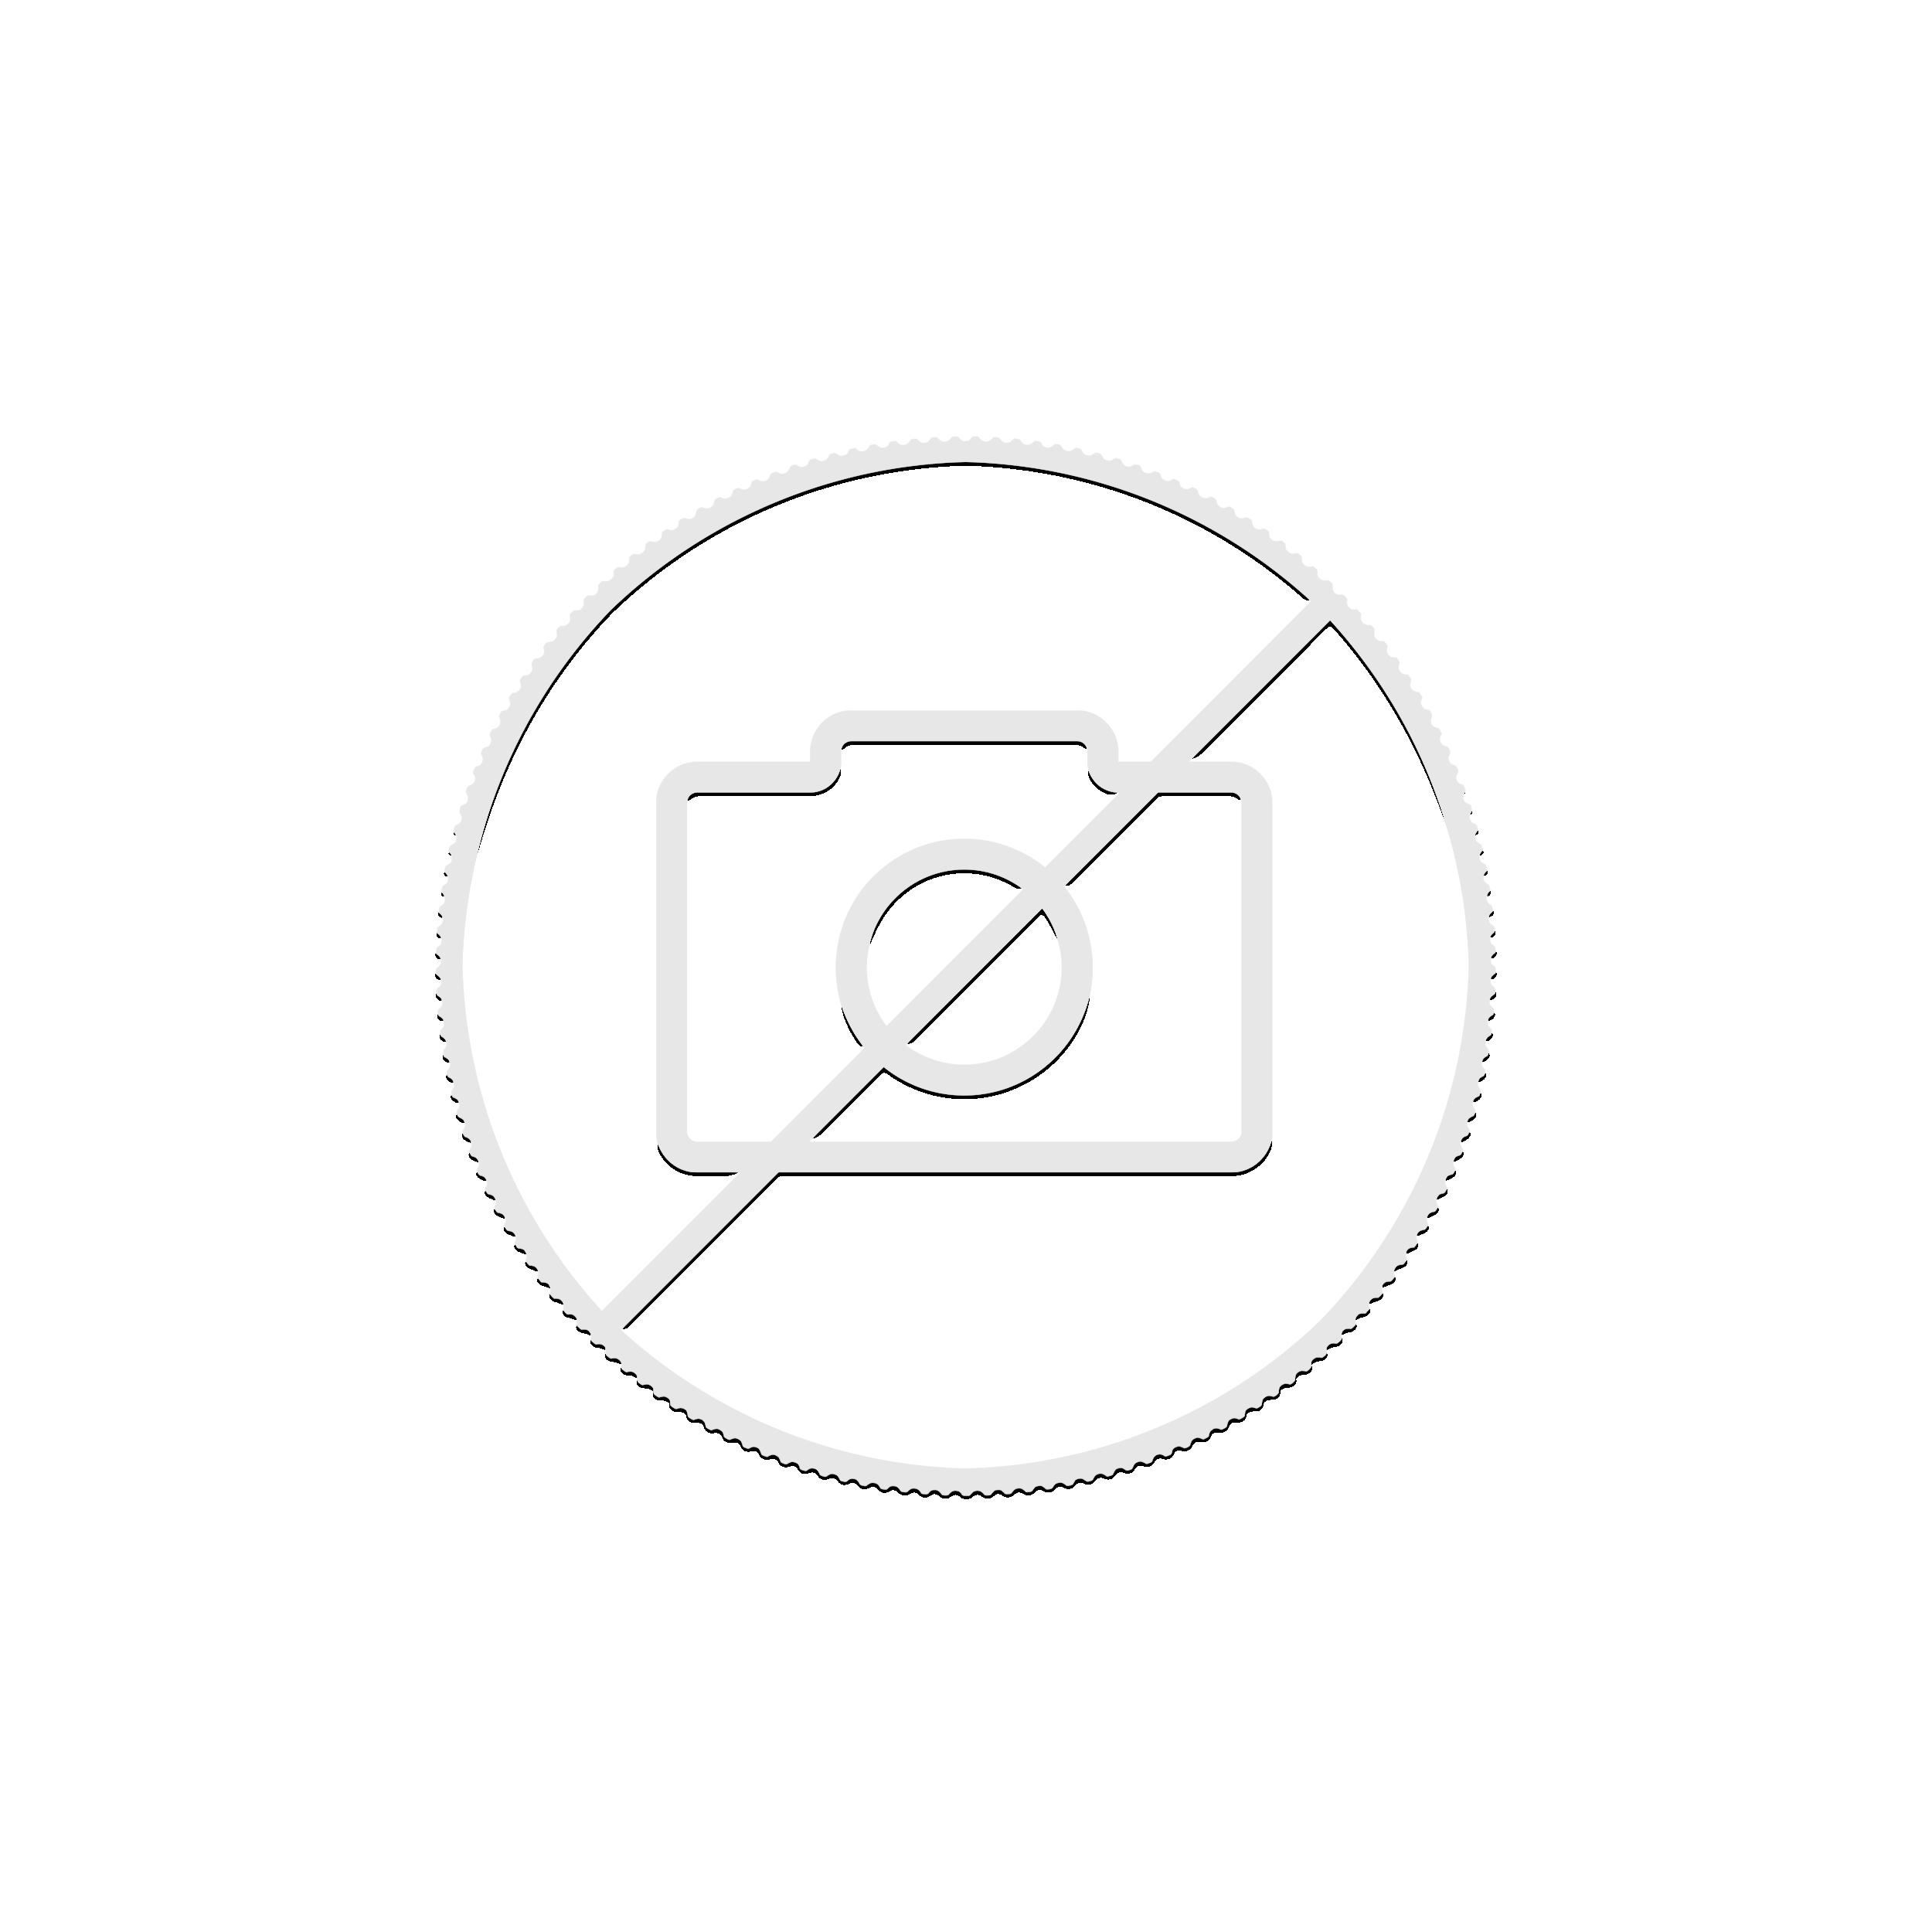 Assortiment (6 stuks) Gouden Tientjes - 10 euro Goud Proof